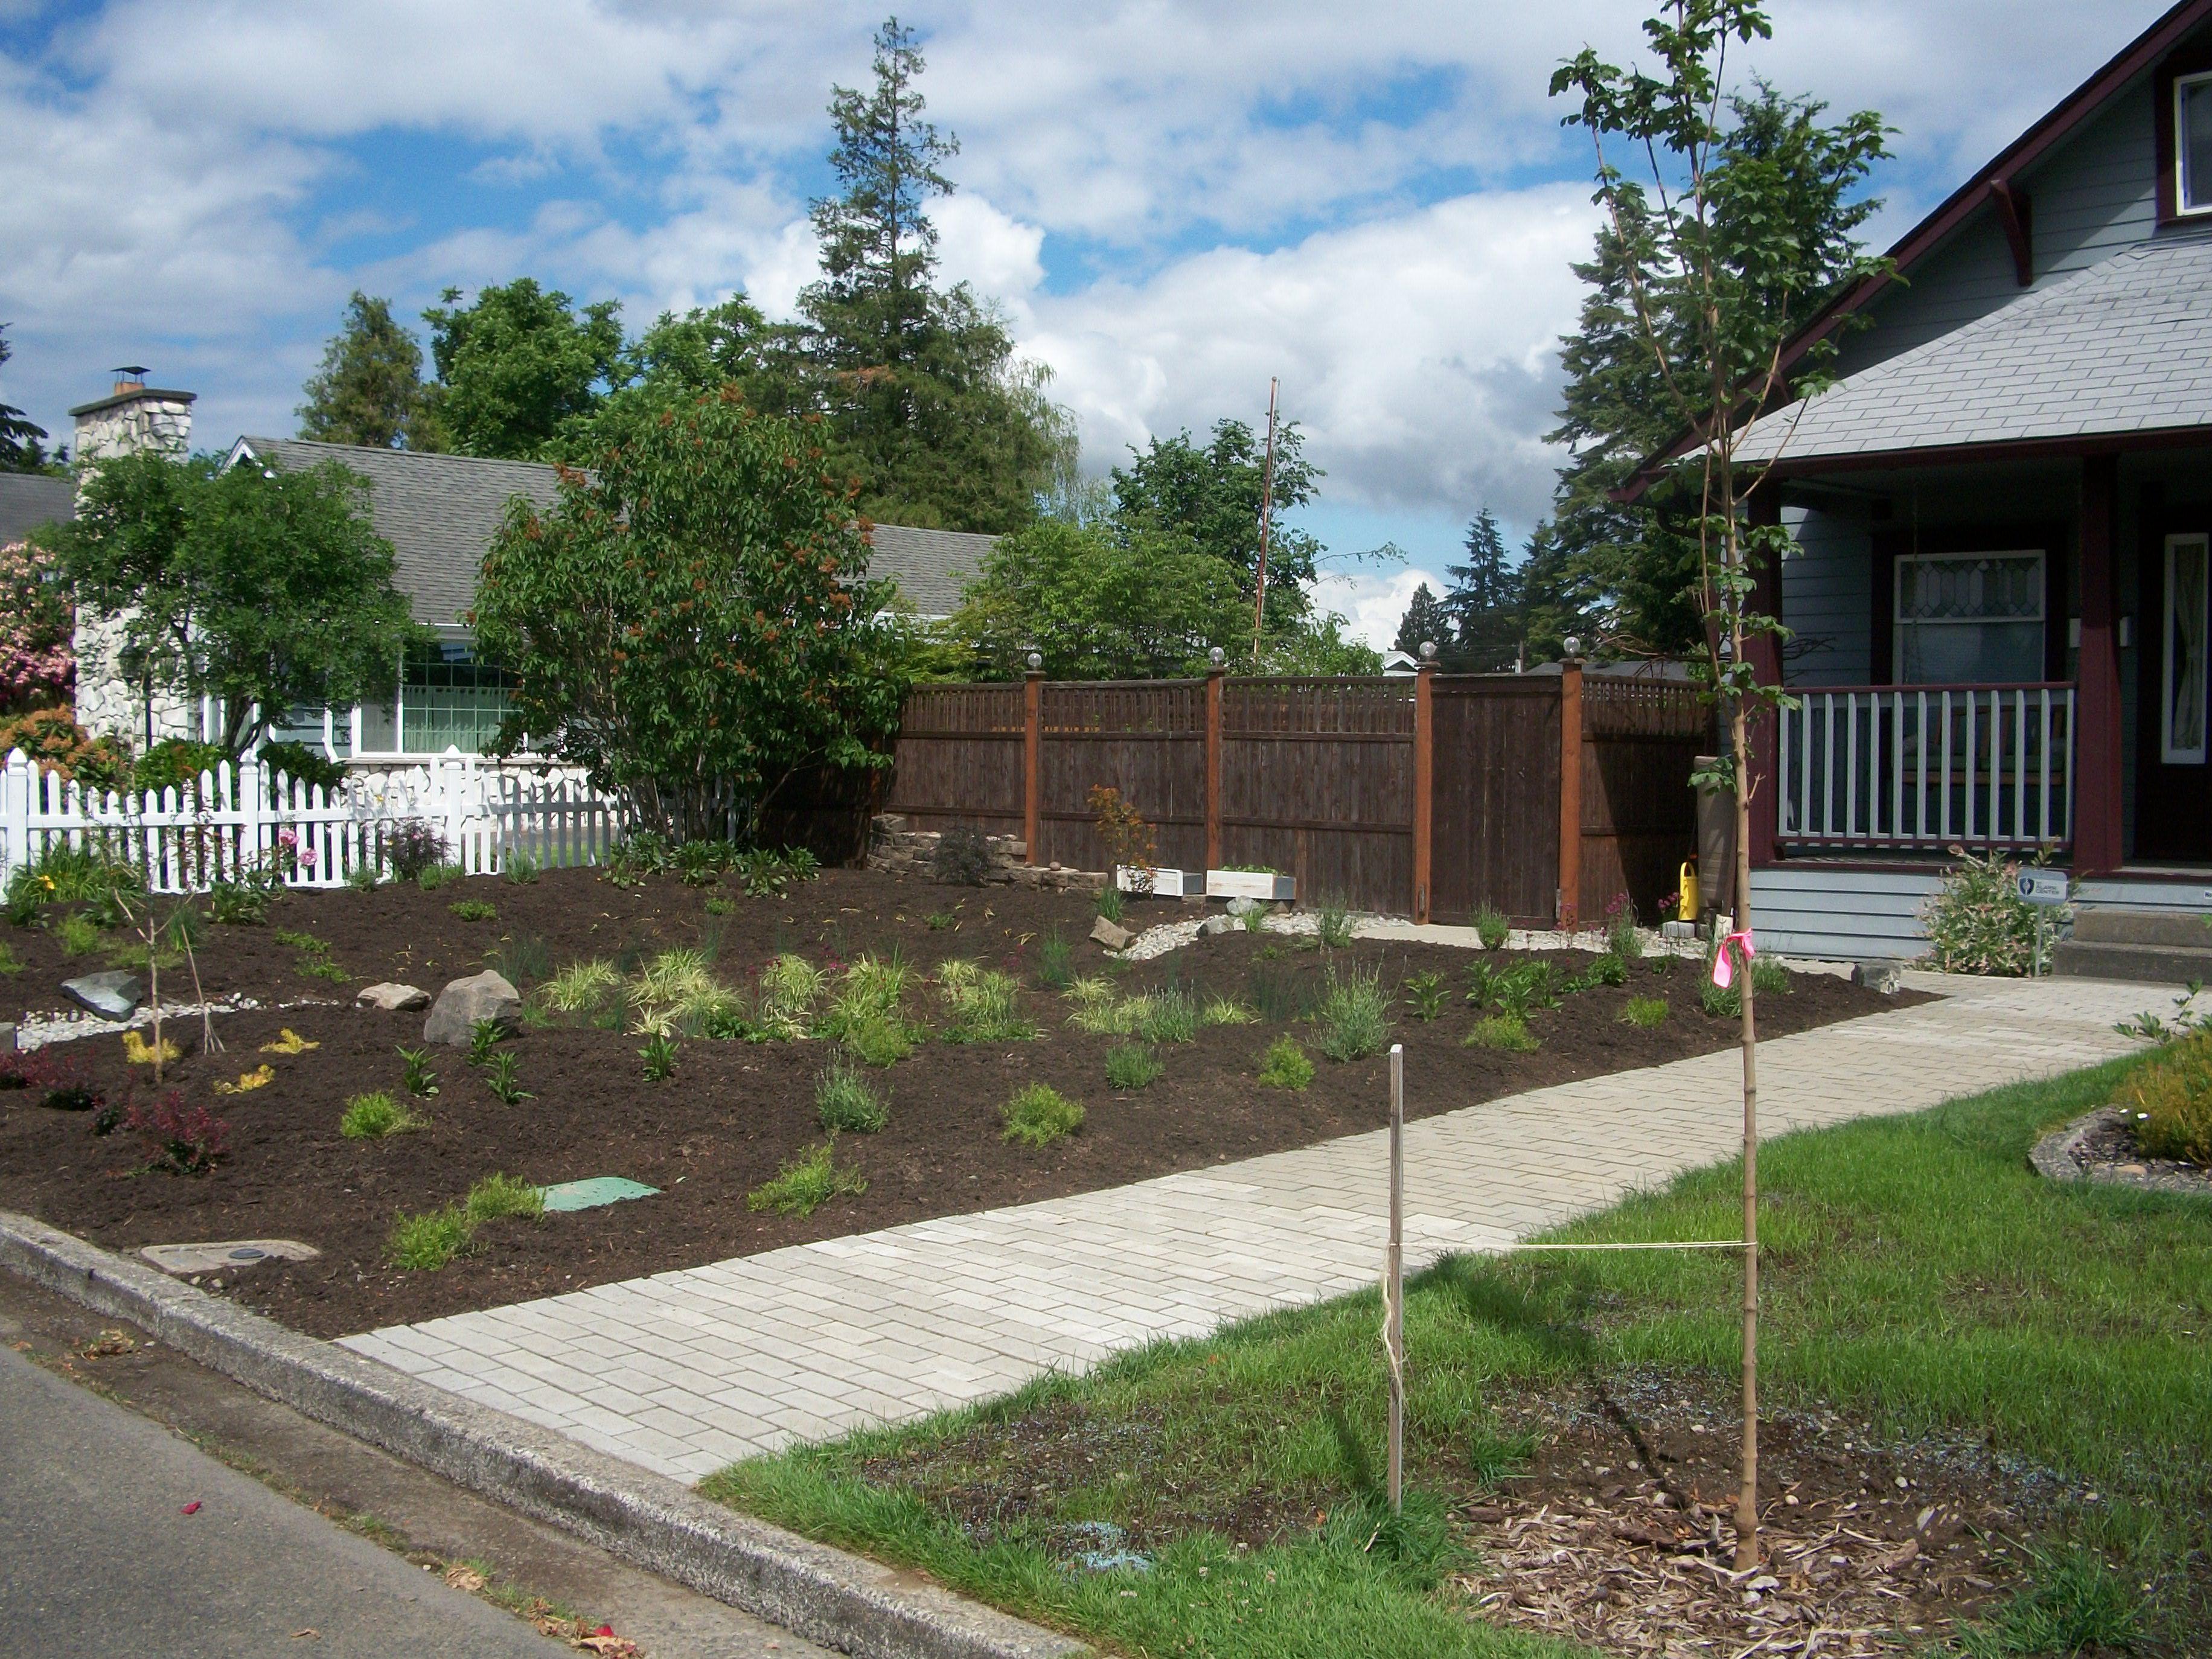 6423e2f93b86126a6c7122e1c77d1b3d - Washington County Master Gardeners Plant Sale